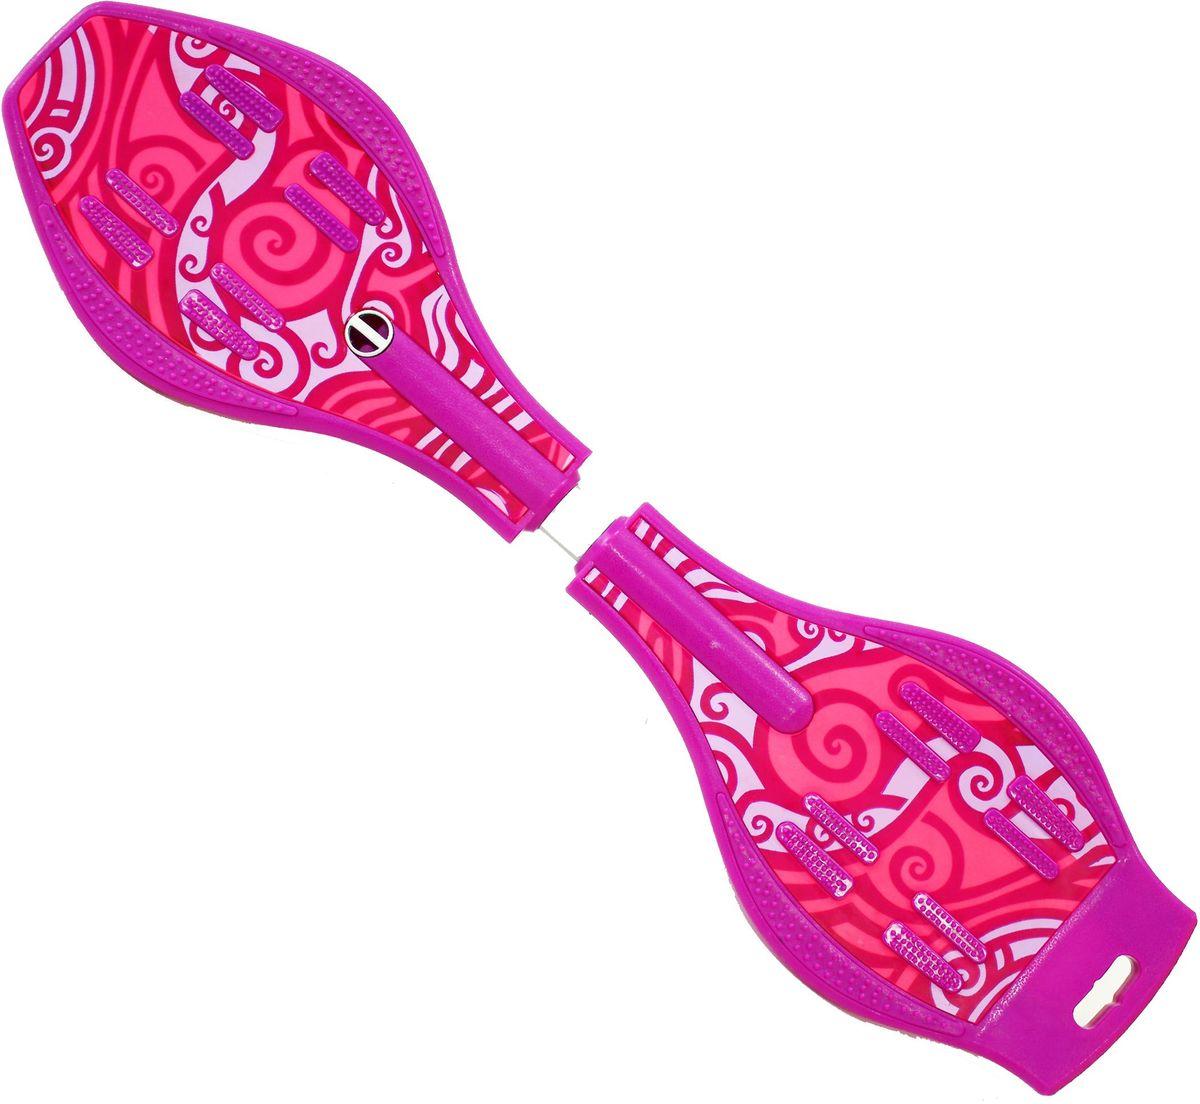 Роллерсерф Dragon Board Totem, цвет: фиолетовыйво2226Габариты: 80 х 21 х 11 см. Вес: 2,4 кг. Максимальная нагрузка: до 70 кг. База - ударопрочный ABS пластик. Подшипники - ABEC5. Колеса - полиуретан, 78см, 82А Конструкция - торсионная пружина.